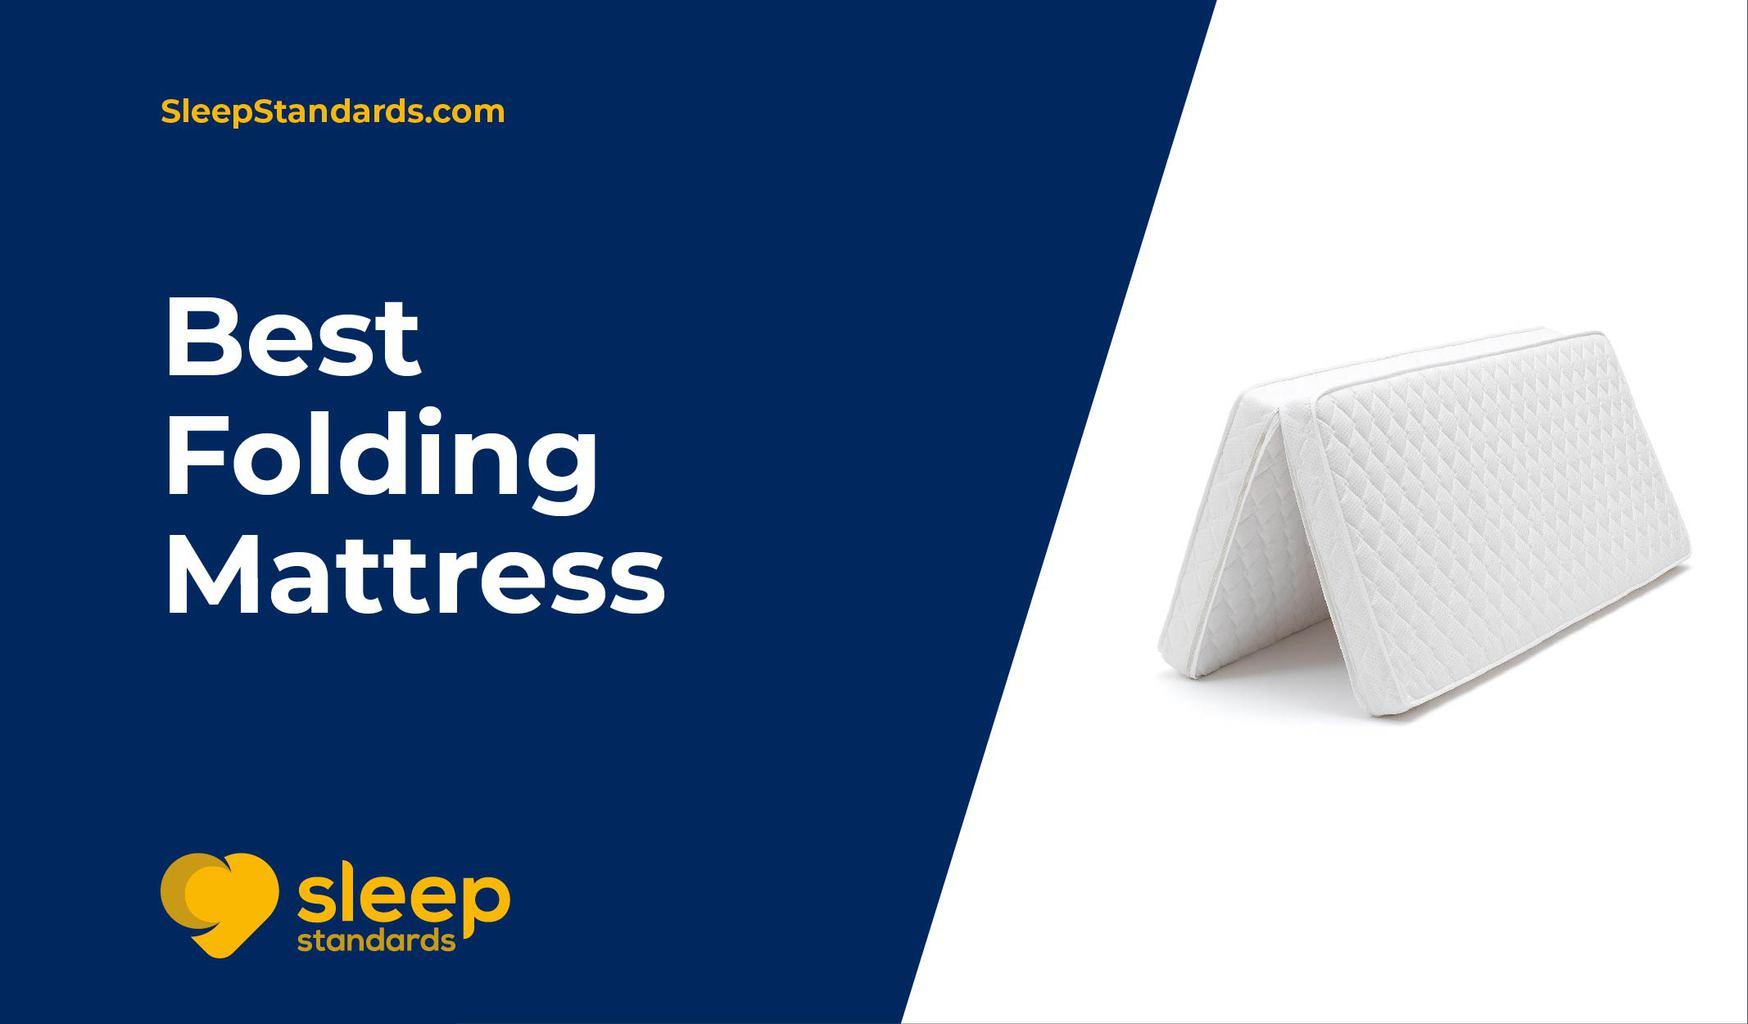 best folding mattress